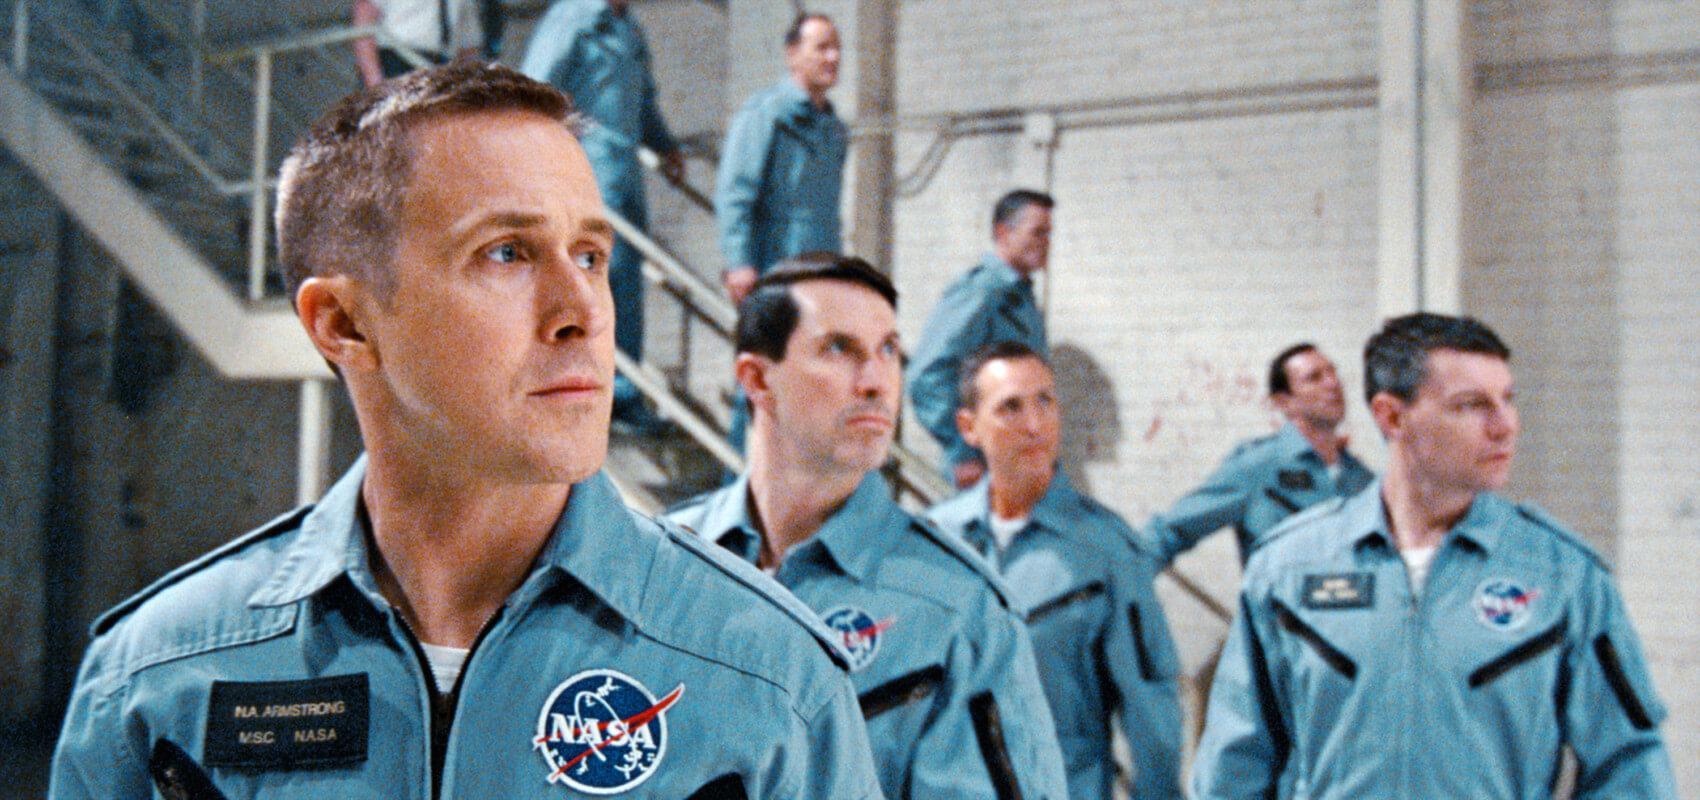 first man 2 1700x800 - O Primeiro Homem: Ryan Gosling estreia amanhã como Neil Armstrong no cinema